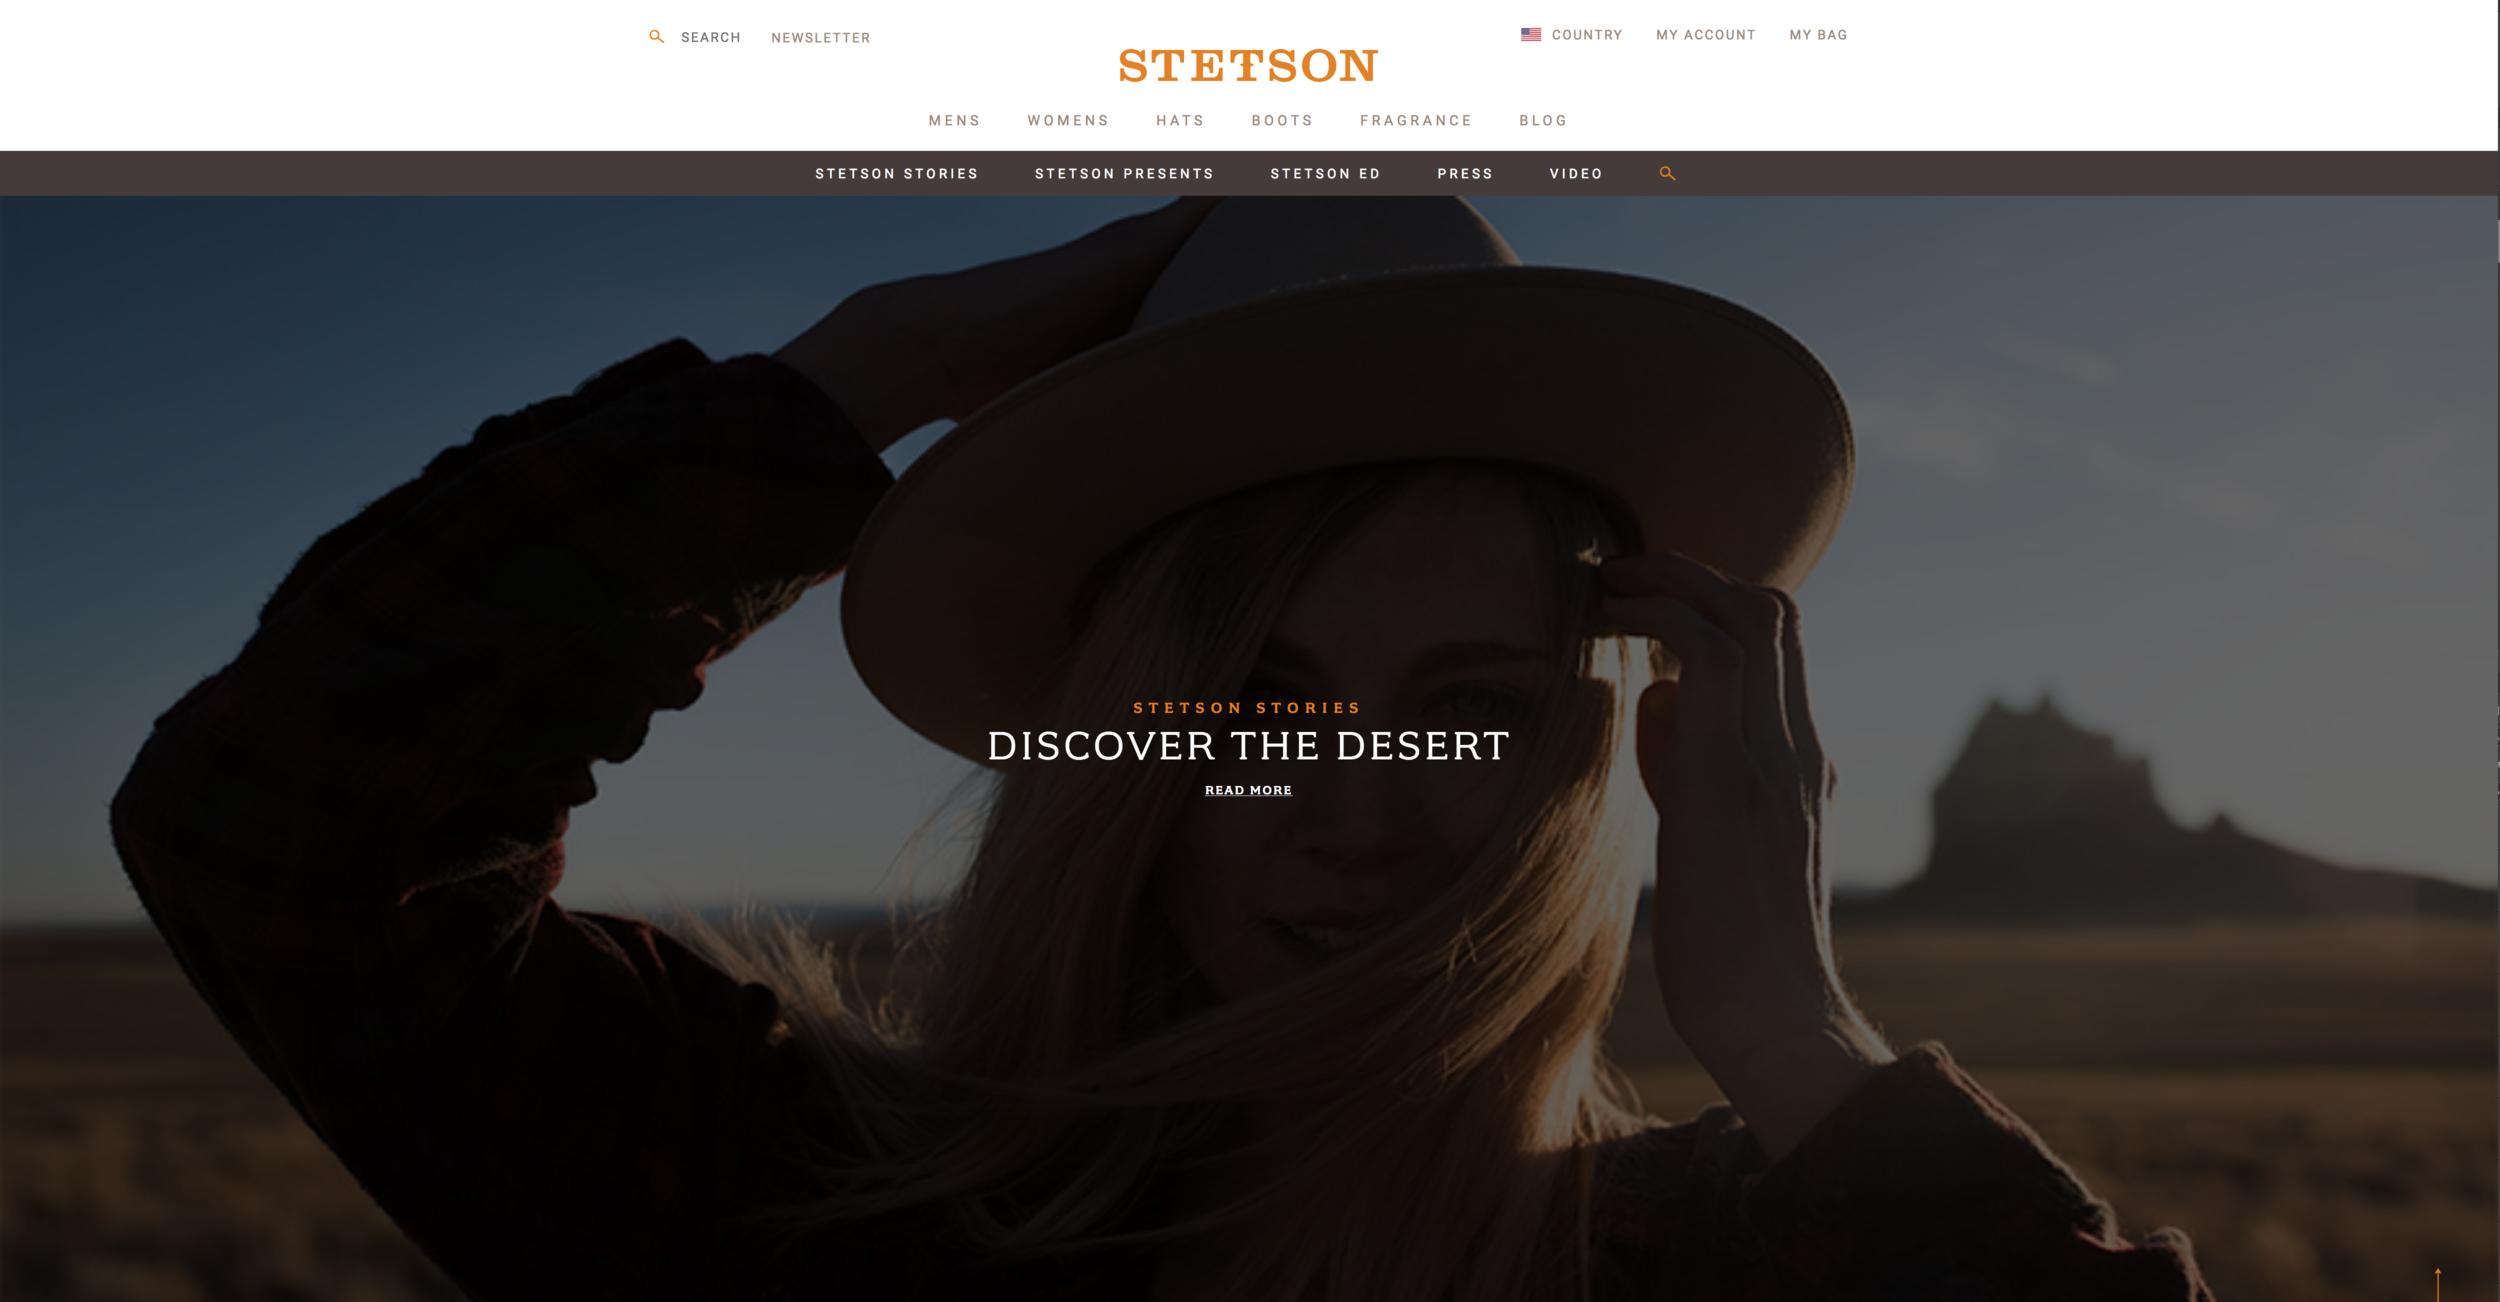 STETSON-SCREENSHOT.png